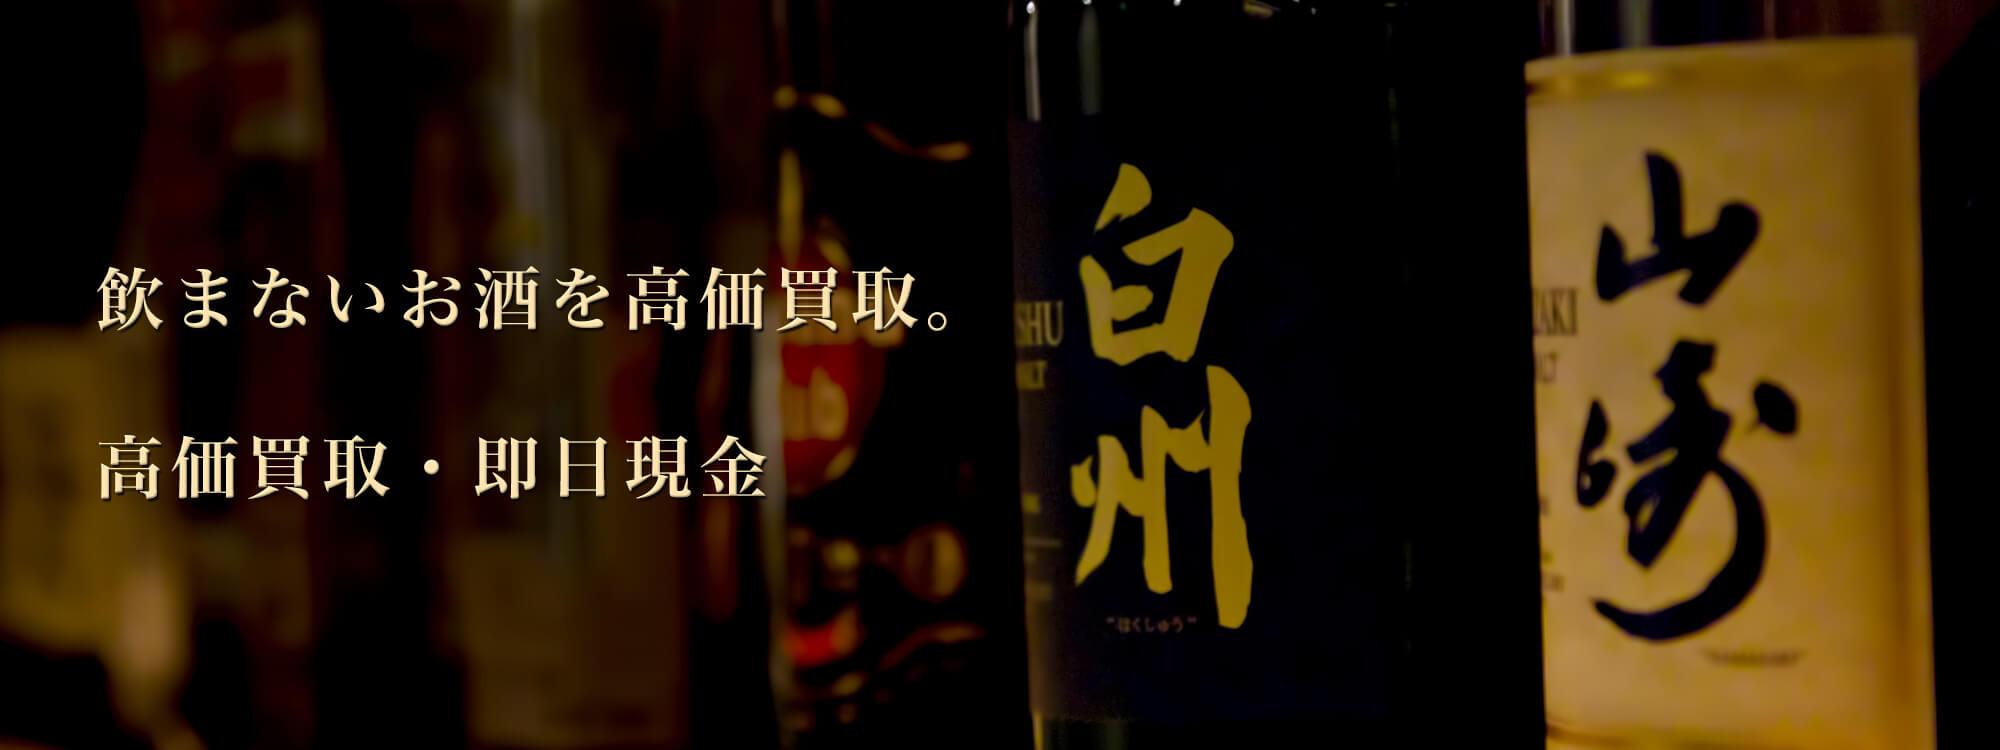 千葉のお酒買取専門店|高価買取・即日現金化